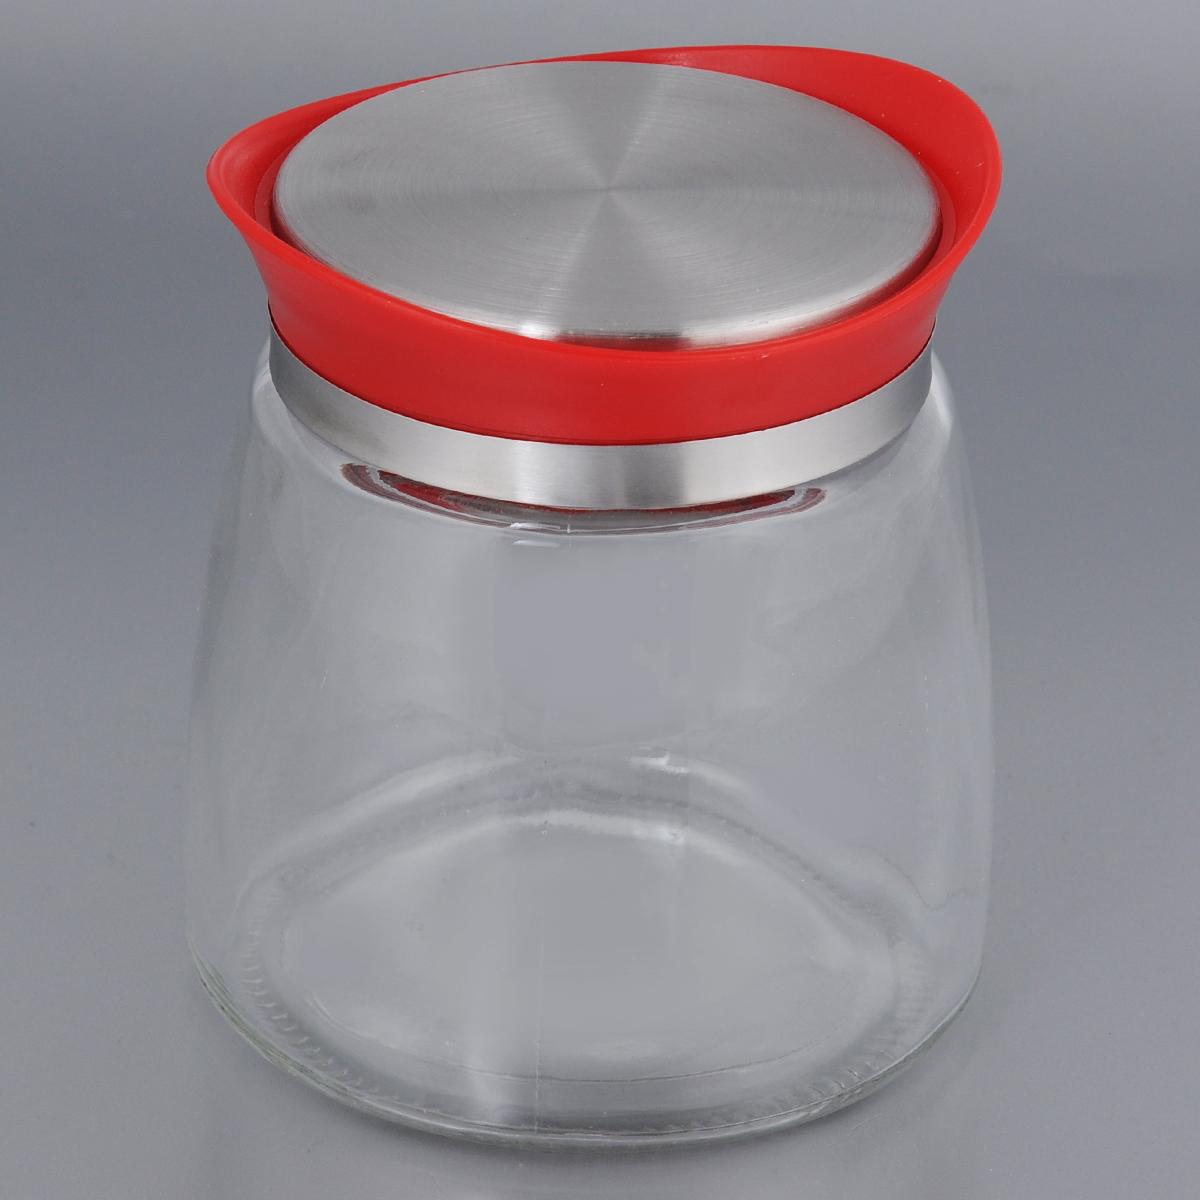 Банка для сыпучих продуктов Bohmann, цвет: красный, 850 мл01341BHG/NEWЕмкость для сыпучих продуктов Bohmann изготовлена из прочного прозрачного стекла. Банка снабжена пластиковой крышкой с металлической вставкой, которая плотно и герметично закрывается, дольше сохраняя аромат и свежесть содержимого. Изделие предназначено для хранения различных сыпучих продуктов: круп, чая, сахара, орехов и многого другого. Функциональная и вместительная, такая банка станет незаменимым аксессуаром на любой кухне. Диаметр (по верхнему краю): 8,5 см. Высота (без учета крышки): 12,5 см.